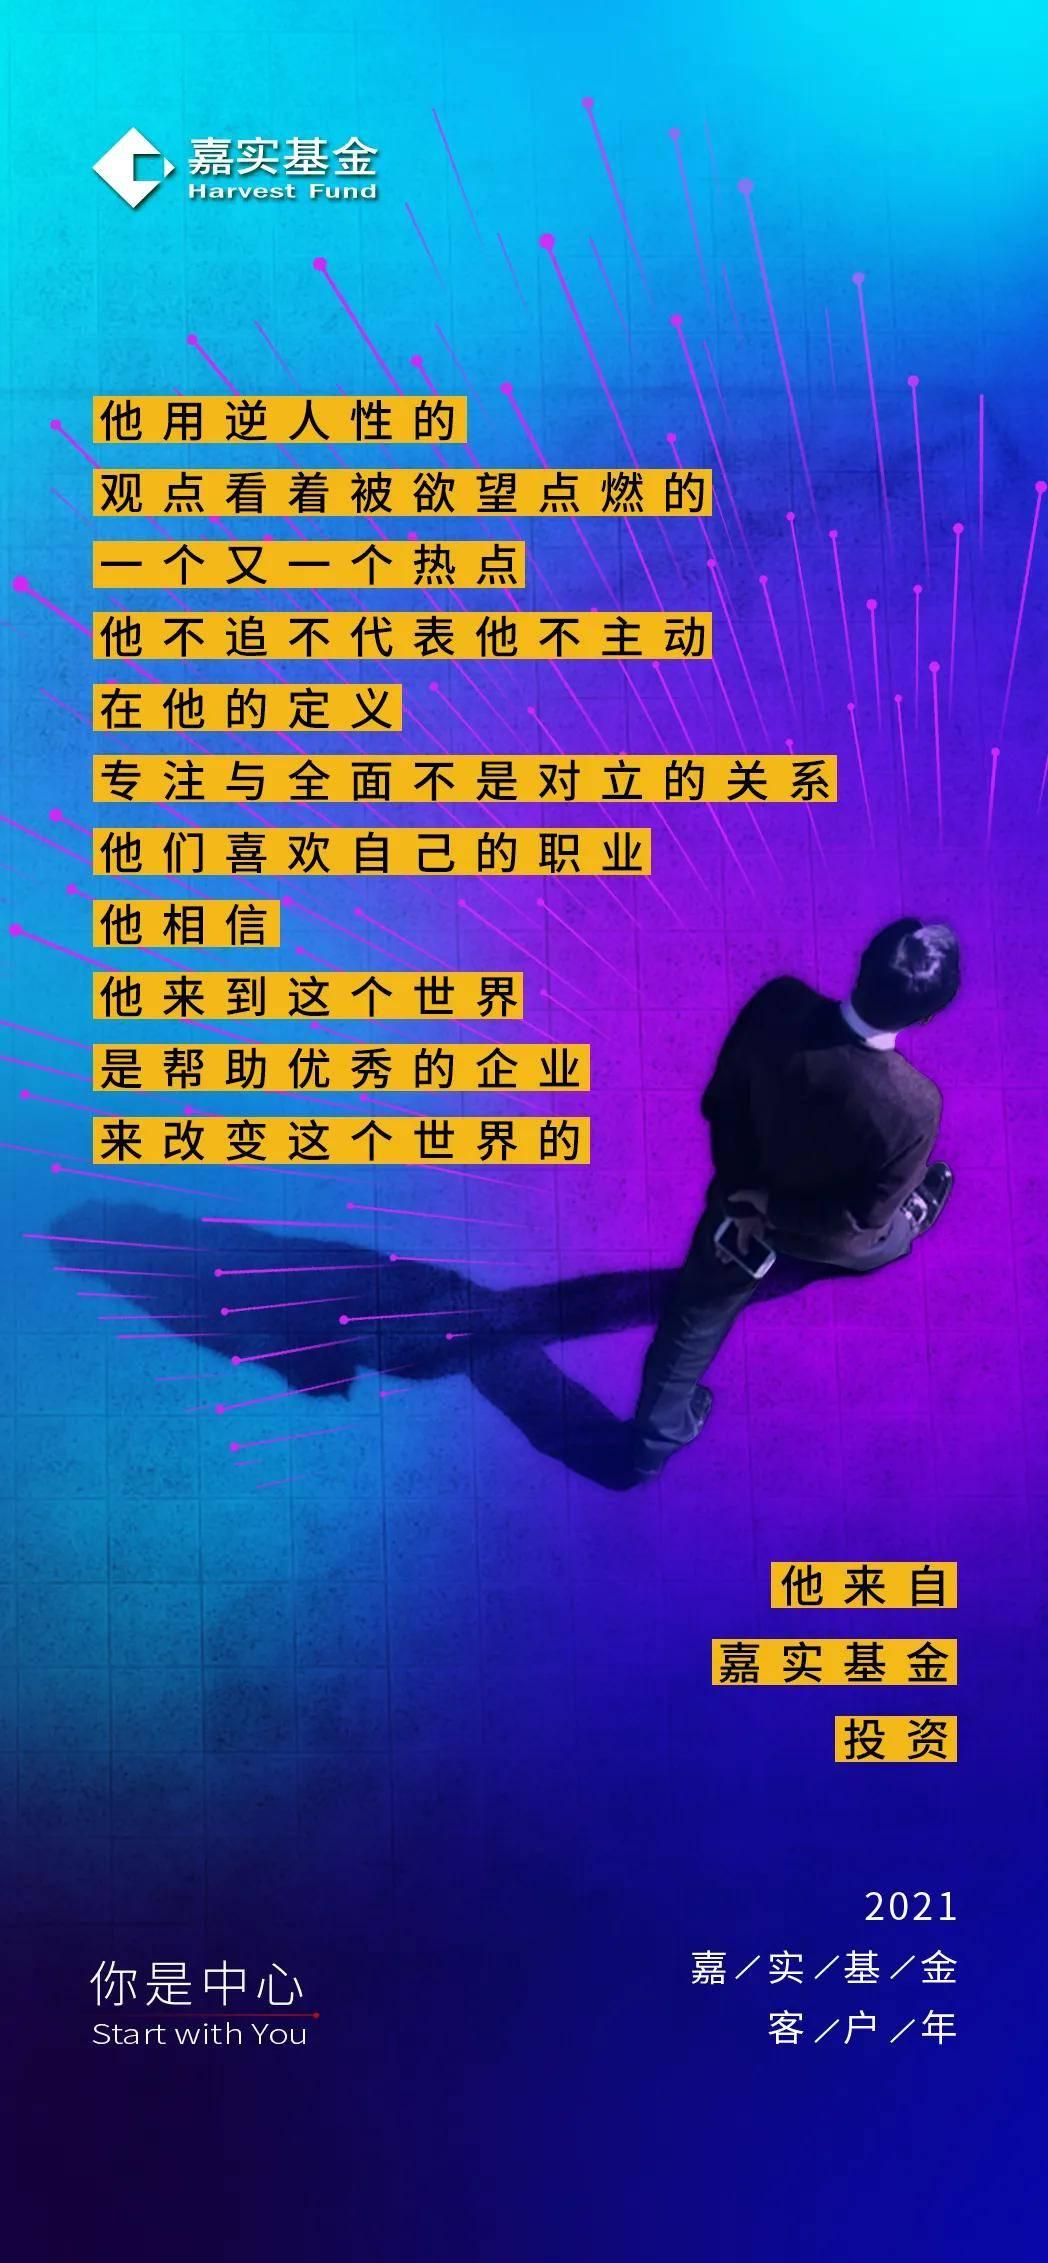 天顺注册-首页【1.1.6】  第3张